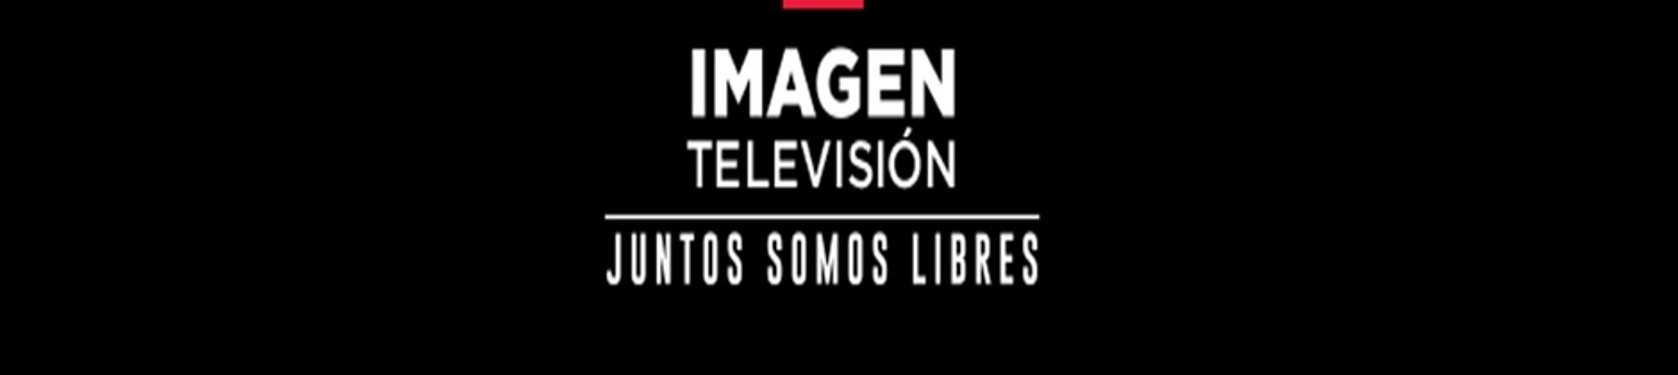 ImagenTV